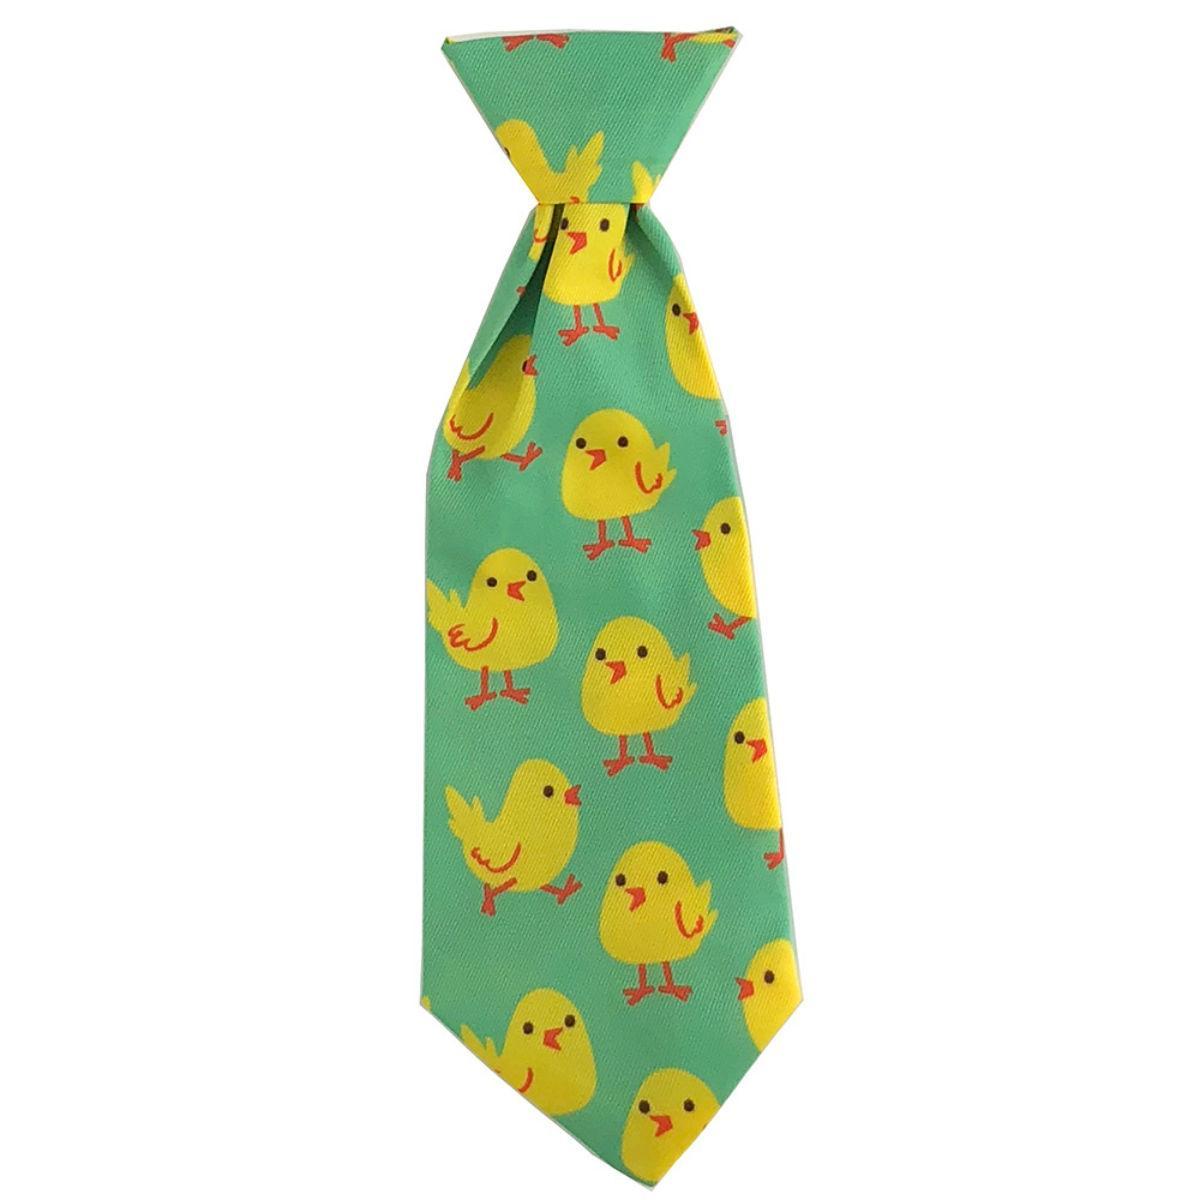 Huxley & Kent Long Tie Collar Attachment Dog Necktie - Chicks